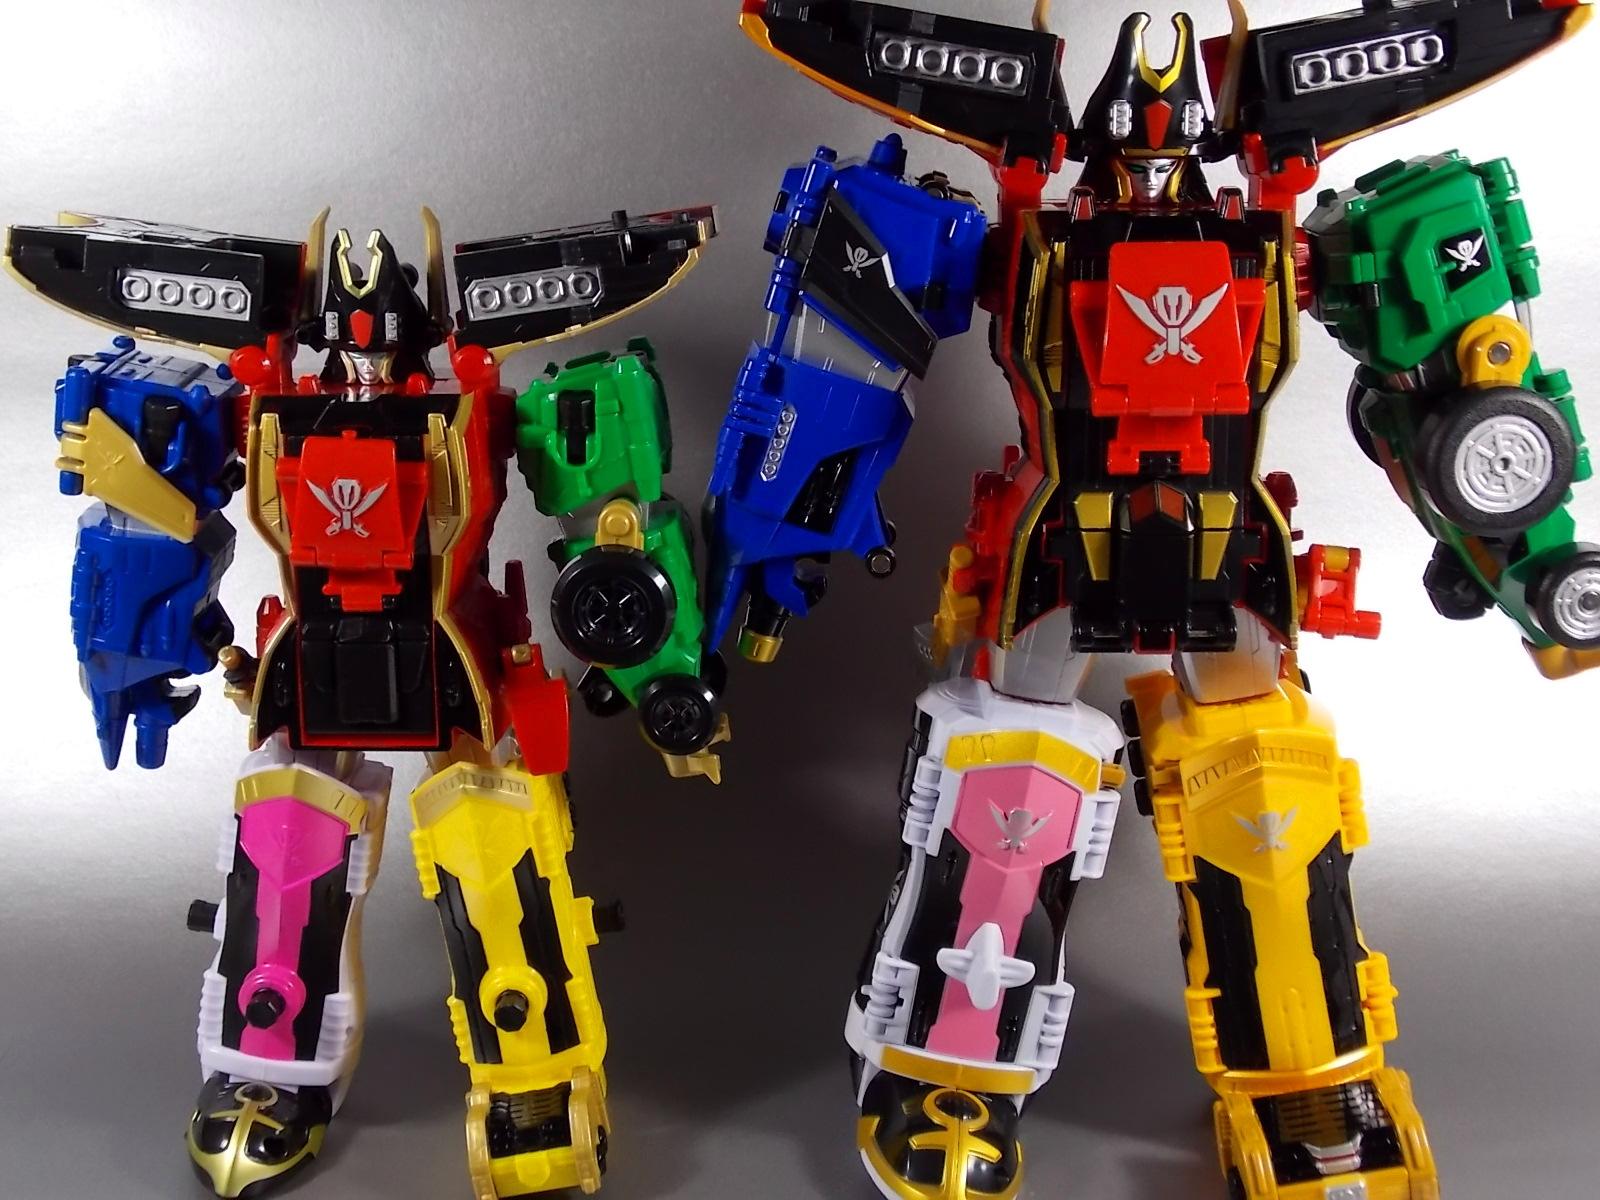 Bandai Super Robot Chogokin Gokaiger Gokai-Oh Super Megaforce Legendary Megazord